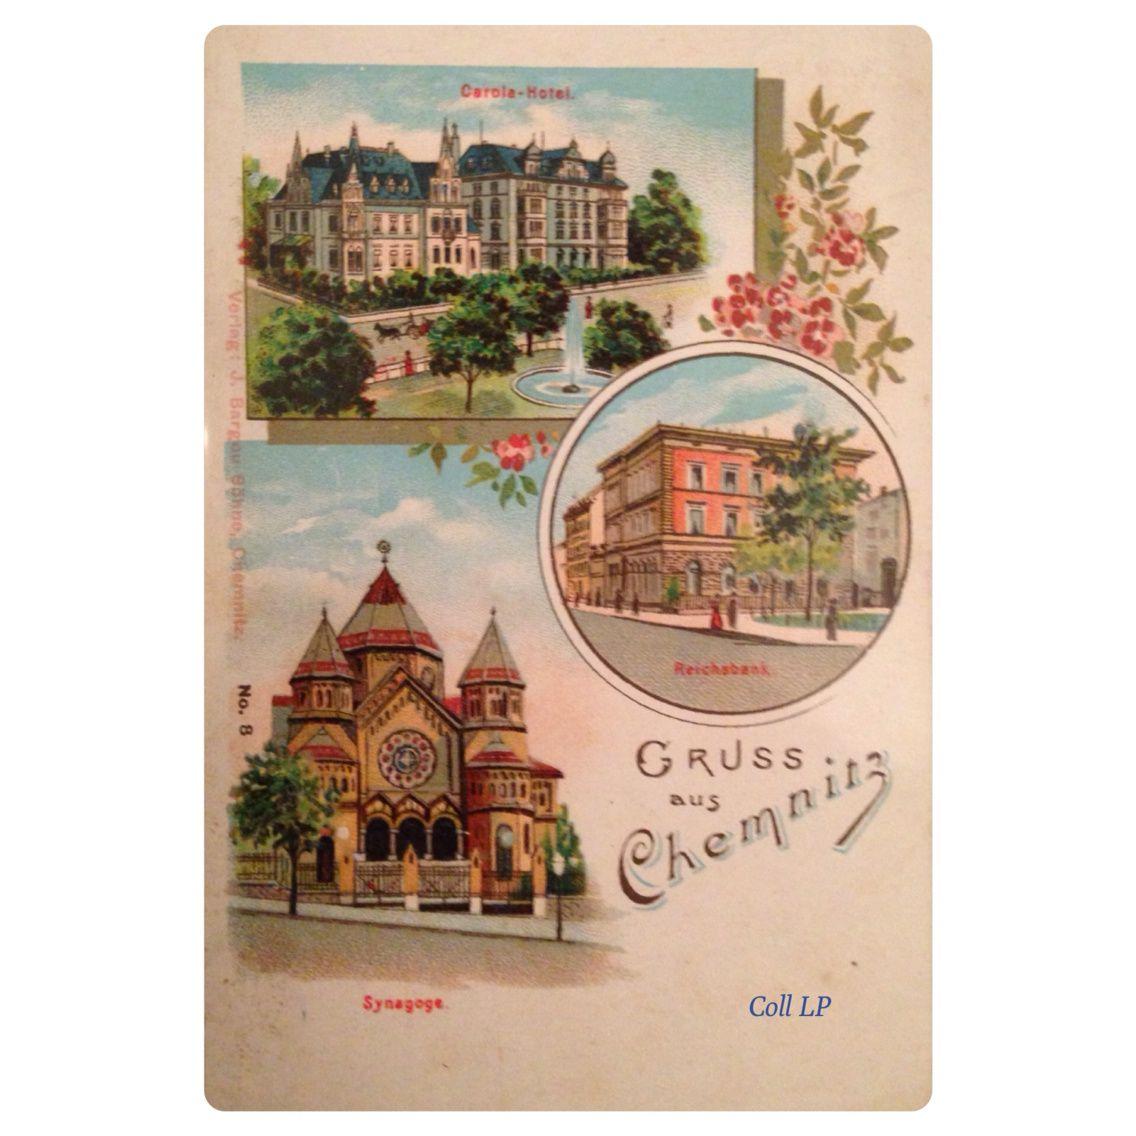 14 cartes postales de Synagogue en Allemagne. Villes de A à C